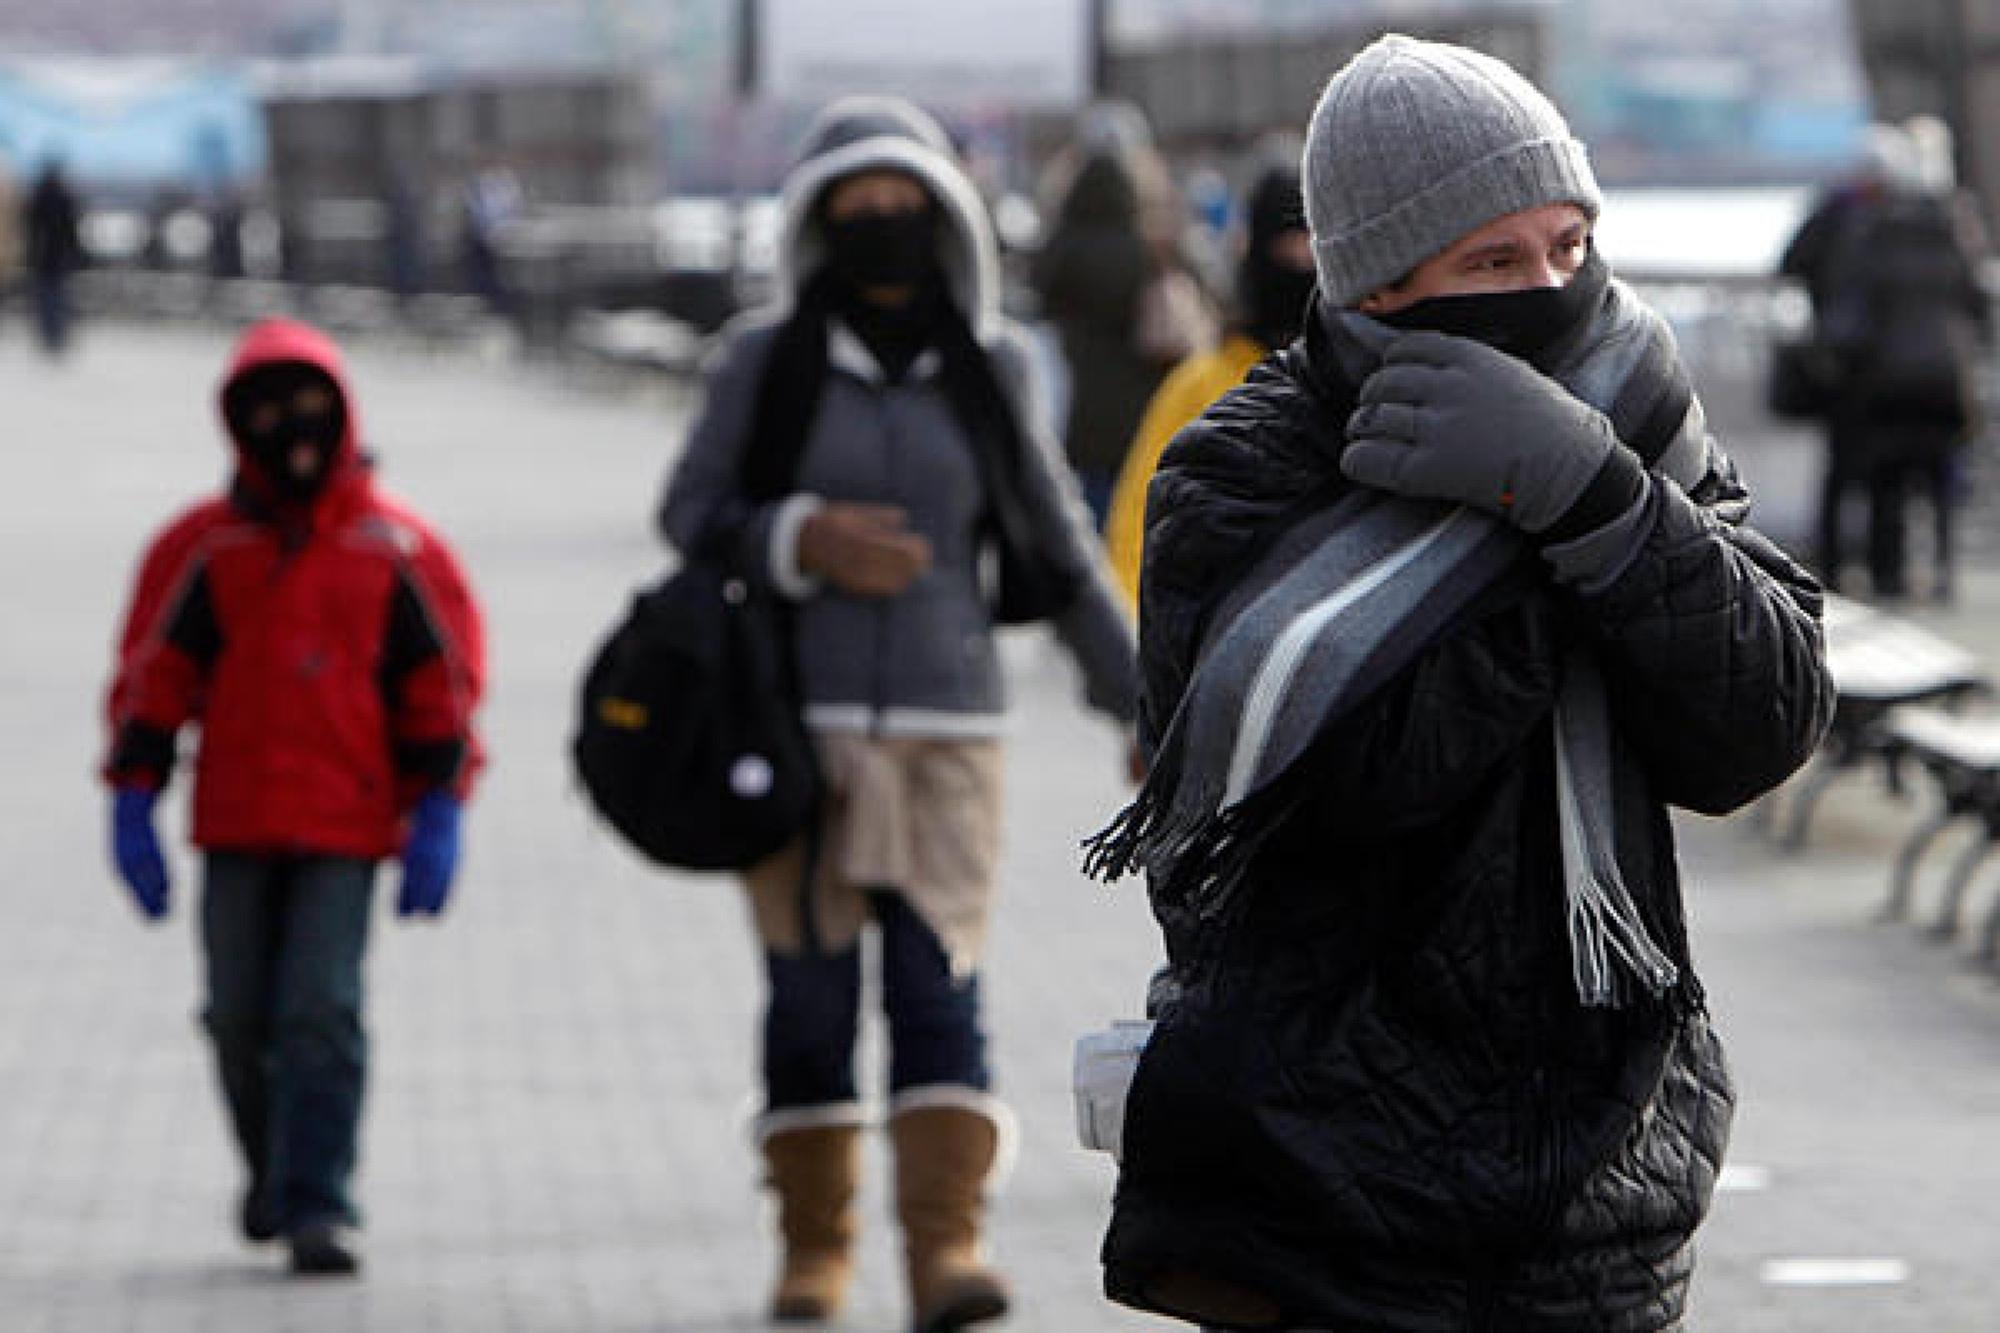 Πρόγνωση καιρού: Χιόνια, βροχές, καταιγίδες και τσουχτερό κρύο